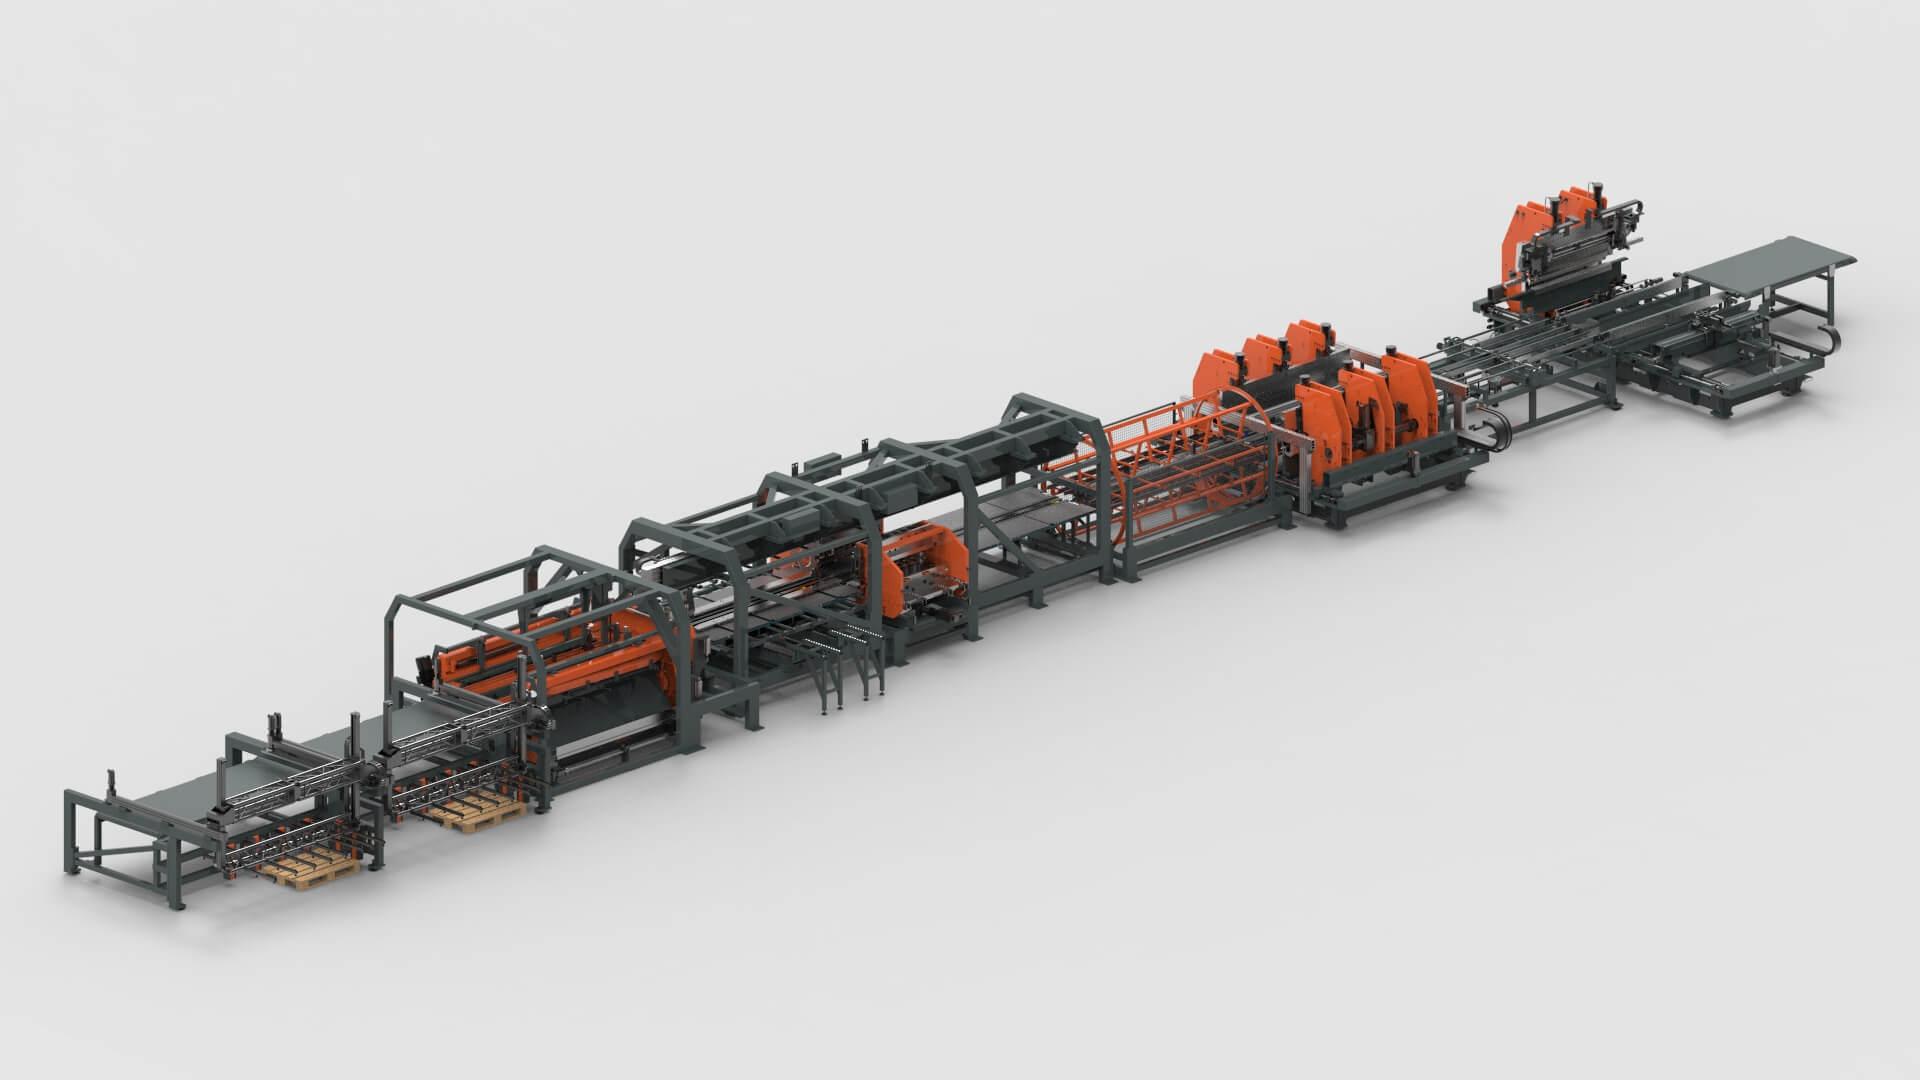 stahltüren-blechbearbeitung-schneiden-stanzen-biegen-produktionslinie.jpg